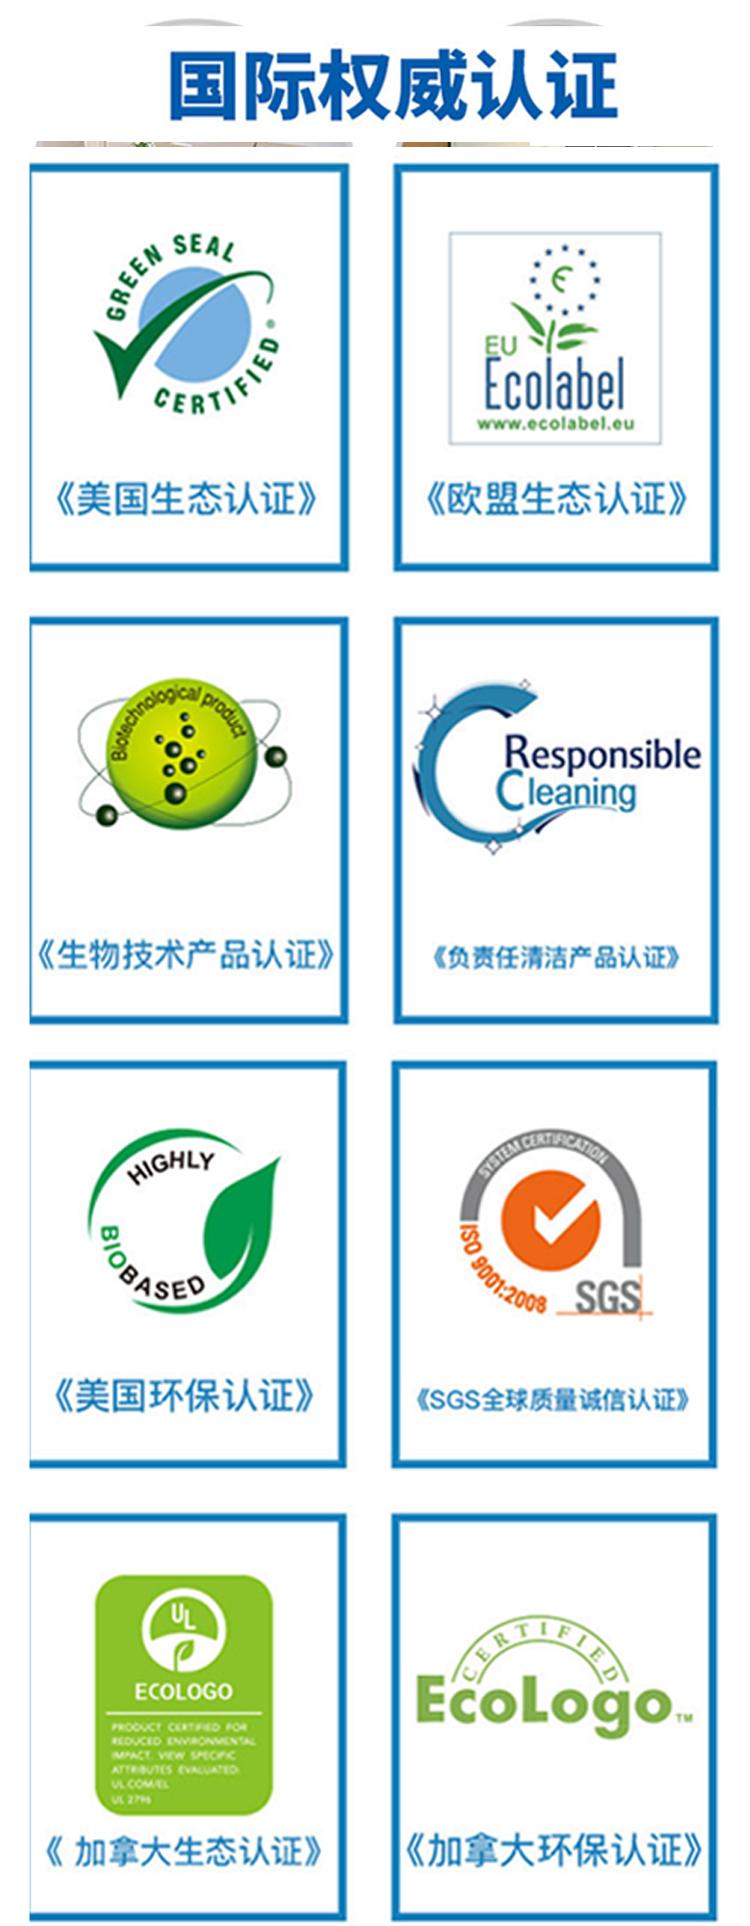 快消加盟-普莱特,一个完美的环保、绿化解决方案-找加盟就上小宝招商